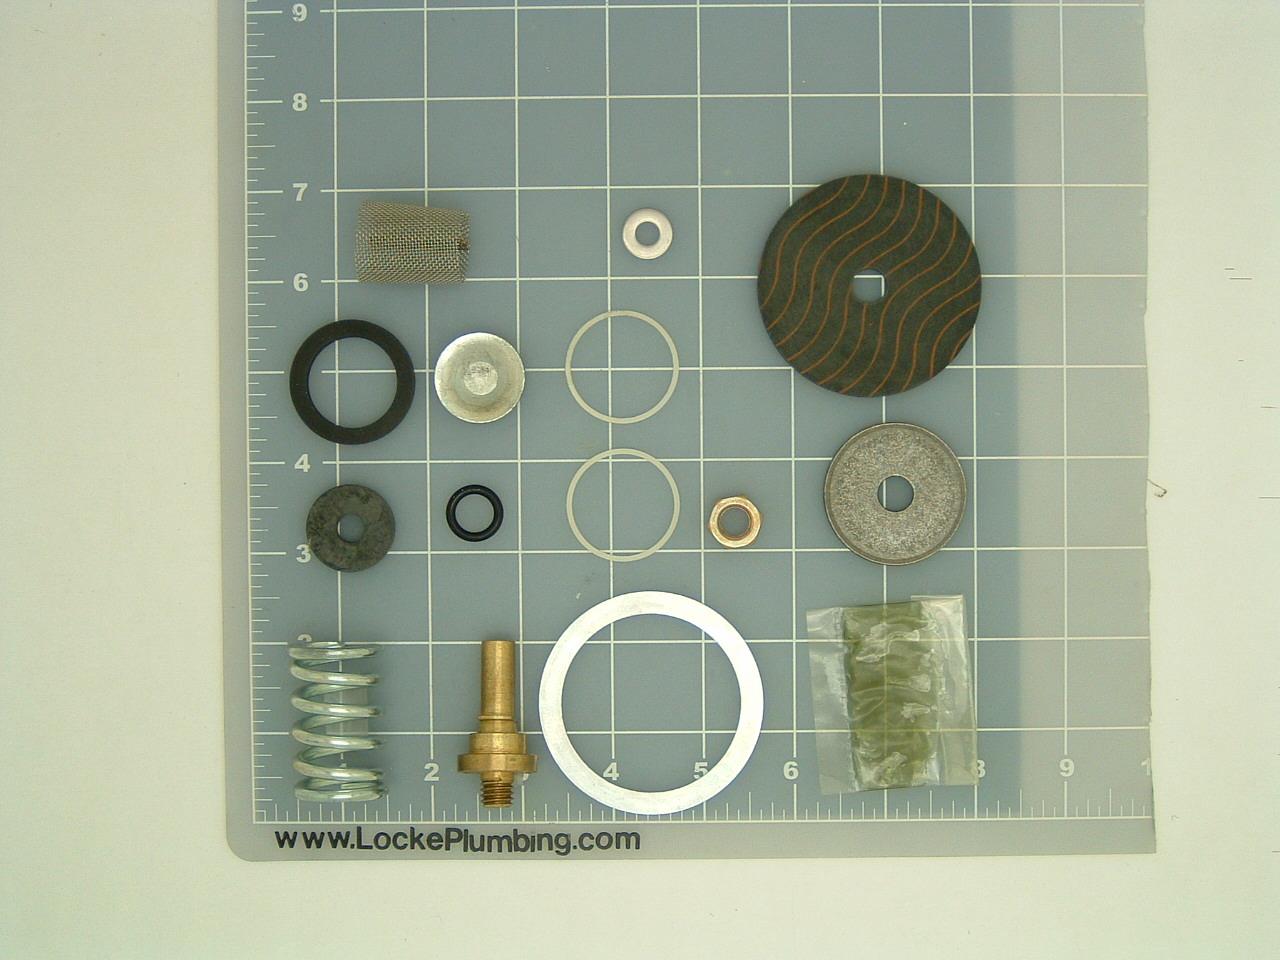 wilkins rk34 600 pressure reducing valve new number rk34 600xl lead free locke plumbing. Black Bedroom Furniture Sets. Home Design Ideas